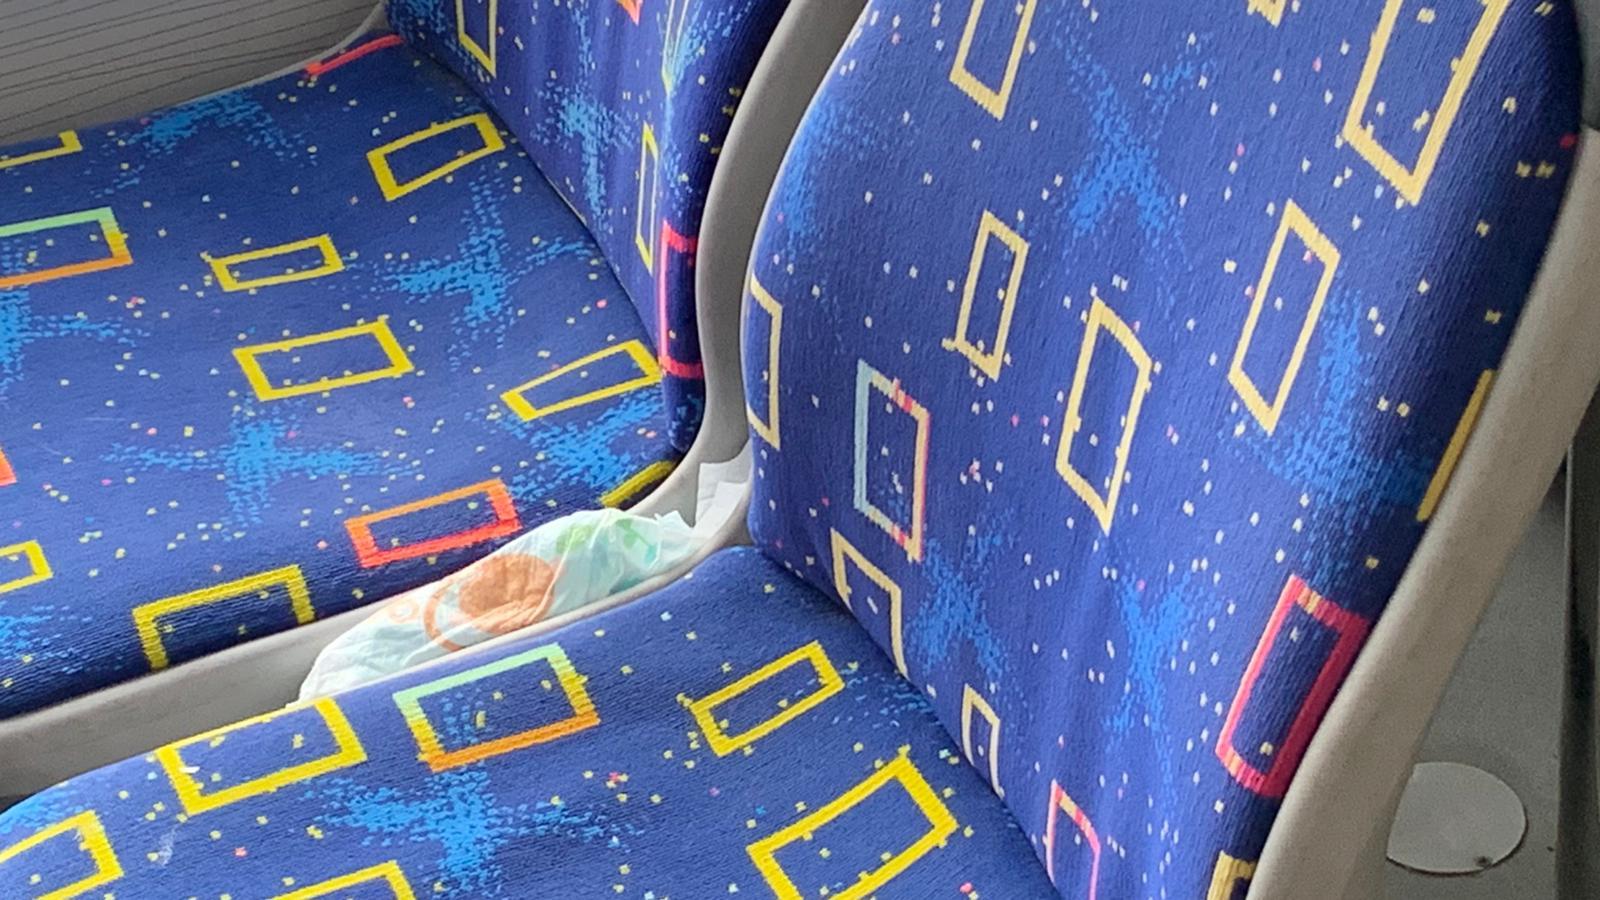 Se face treabă bună la Ploiești! Pampersul din autobuzul 30 stârnește reacții pe Facebook din partea cetățenilor cu spirit civic